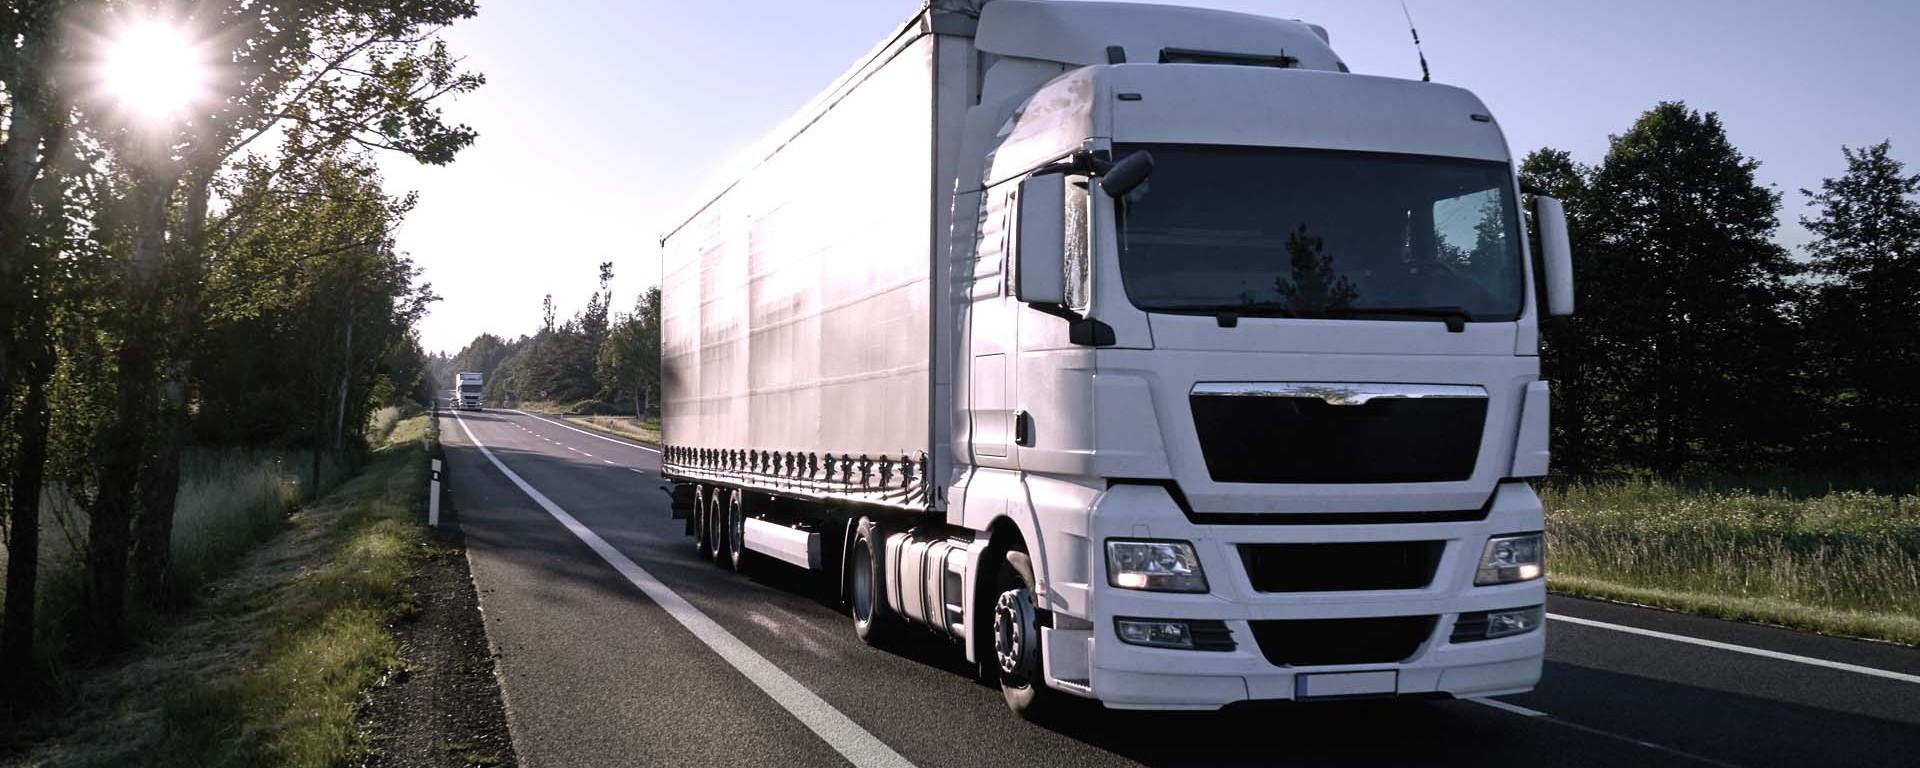 Truck und Trailer - tragfähige Stahlprofile in Überlängen